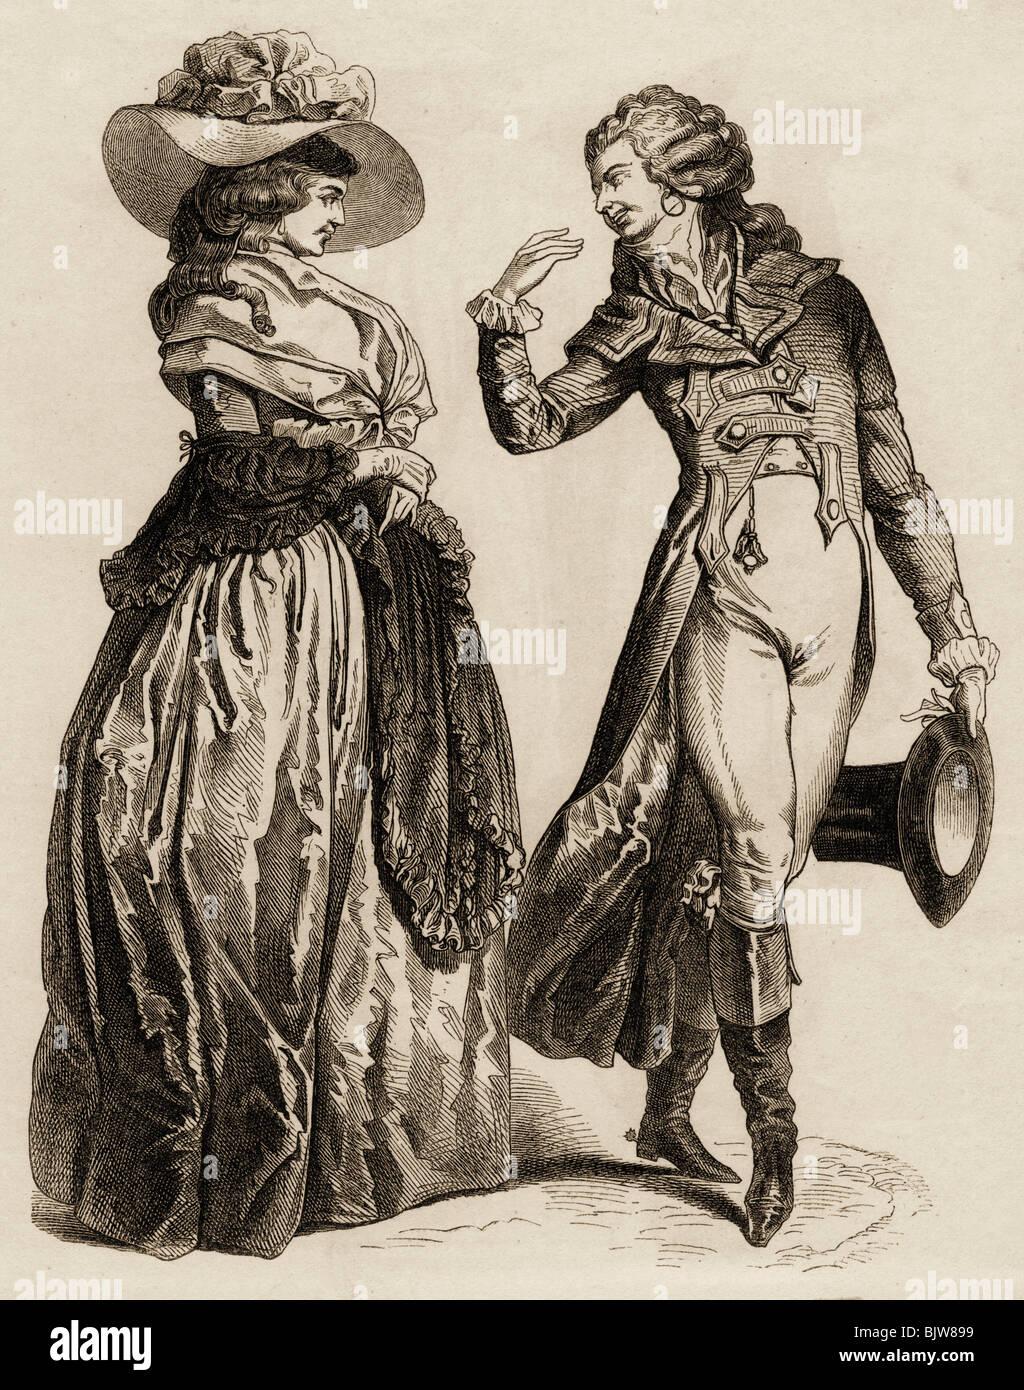 La moda del siglo XVIII, las damas de la moda y la moda masculina, el grabado en madera, de finales del siglo XVIII, Imagen De Stock